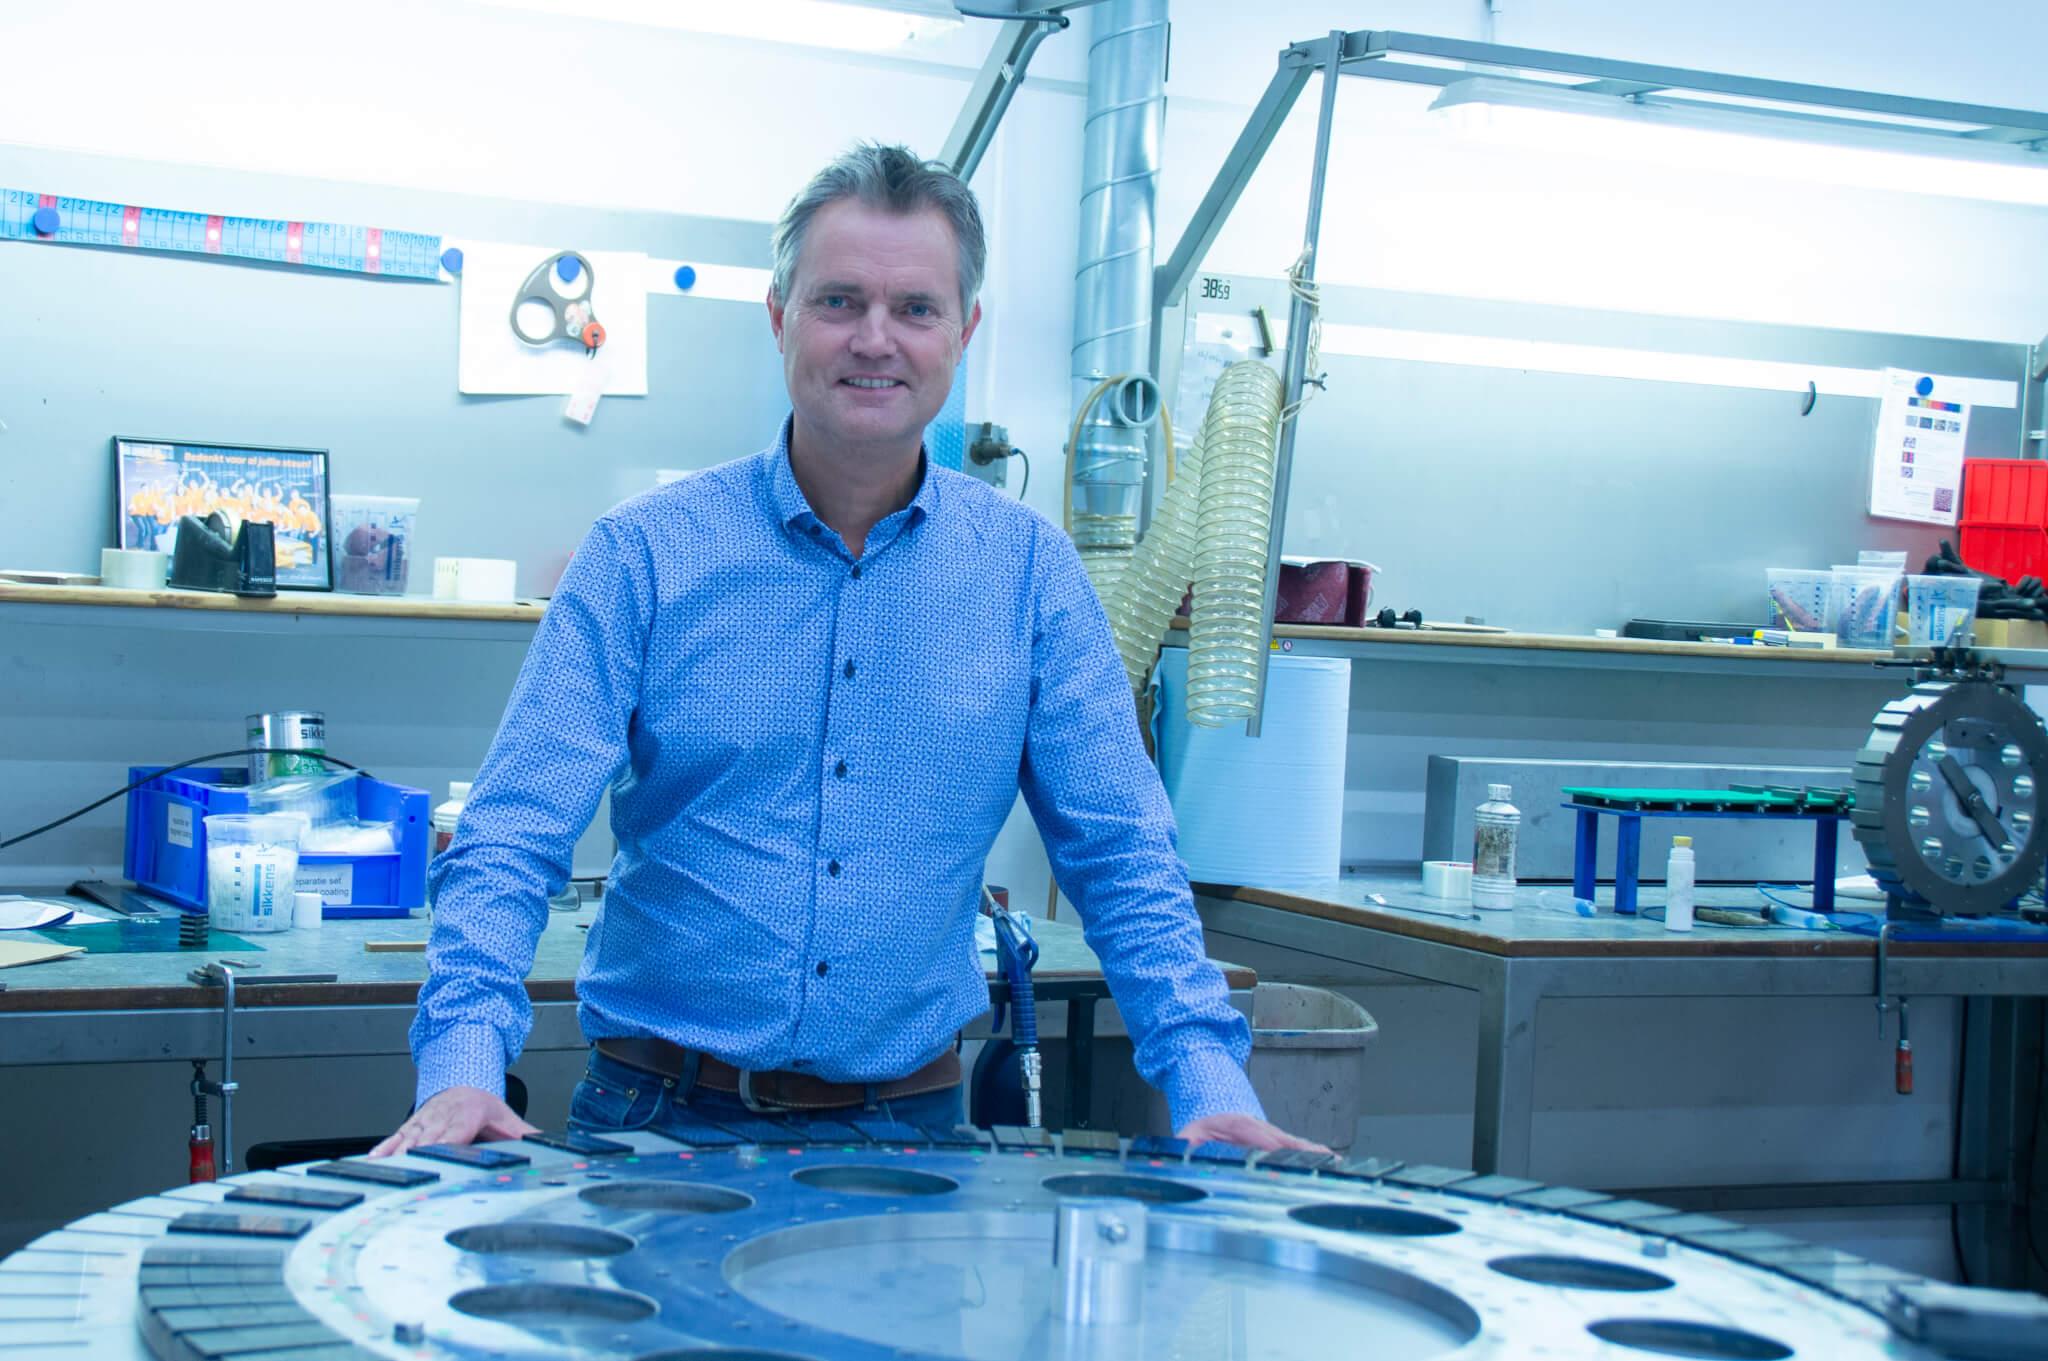 Maarten de Bekker - Bakker Magnetics